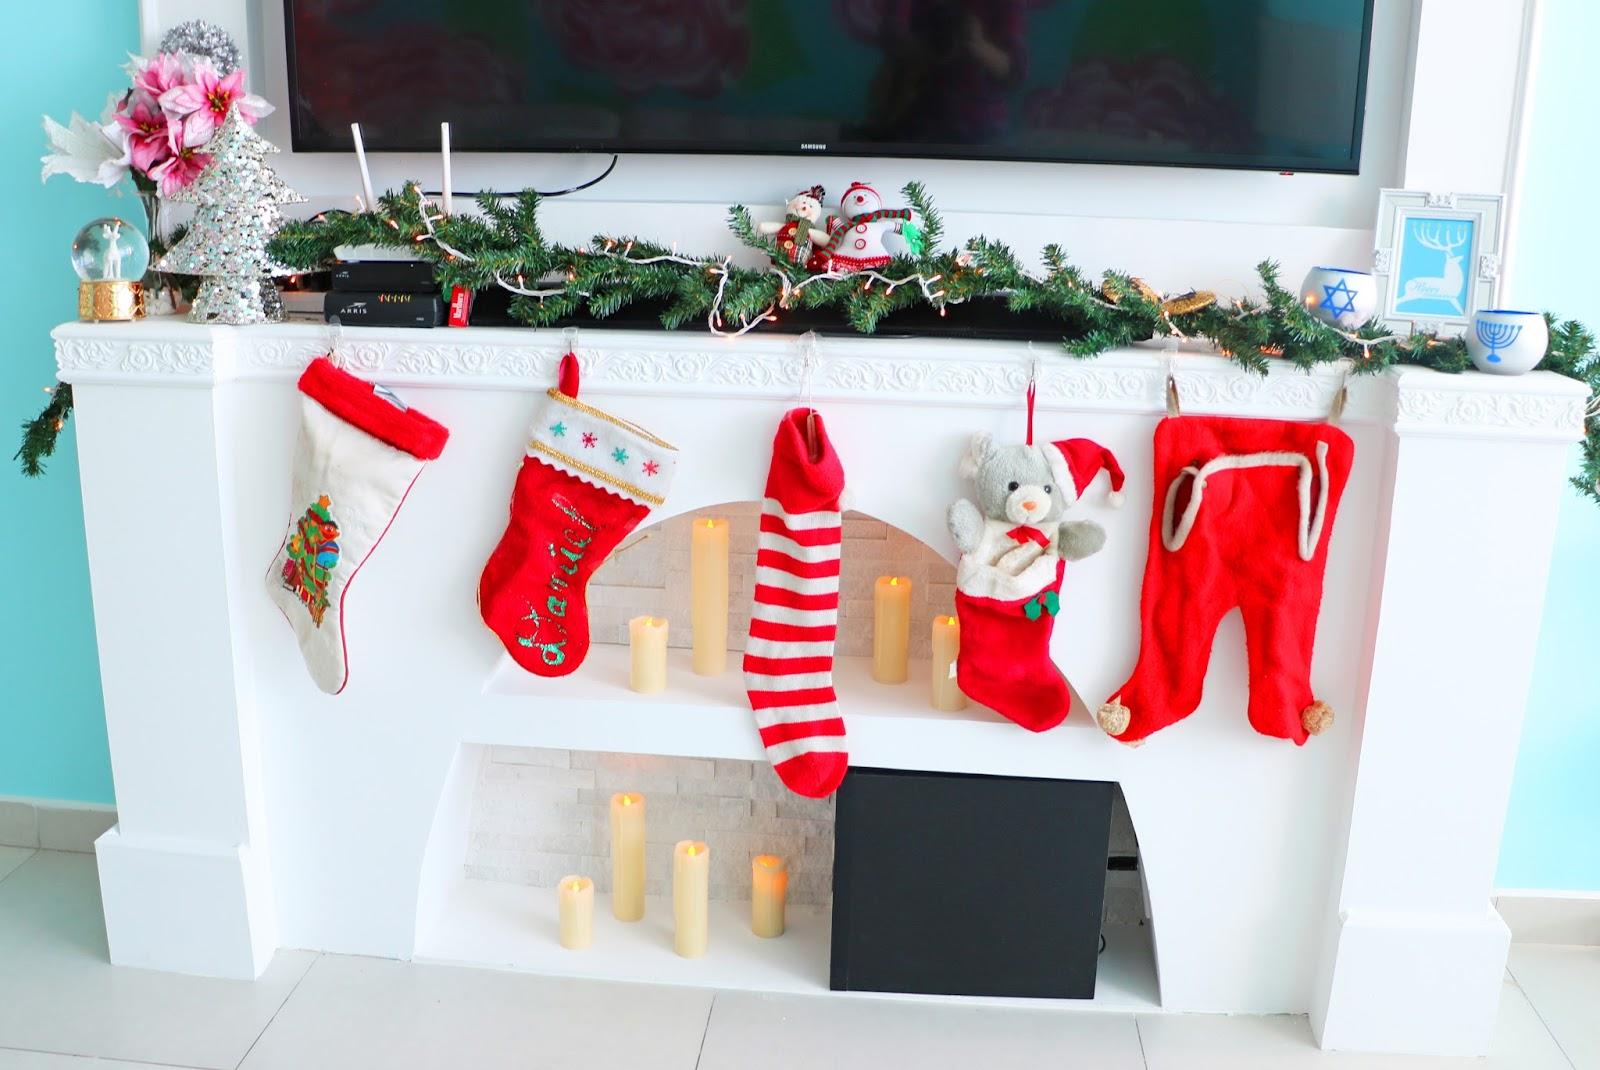 Christmas mantelpiece decor